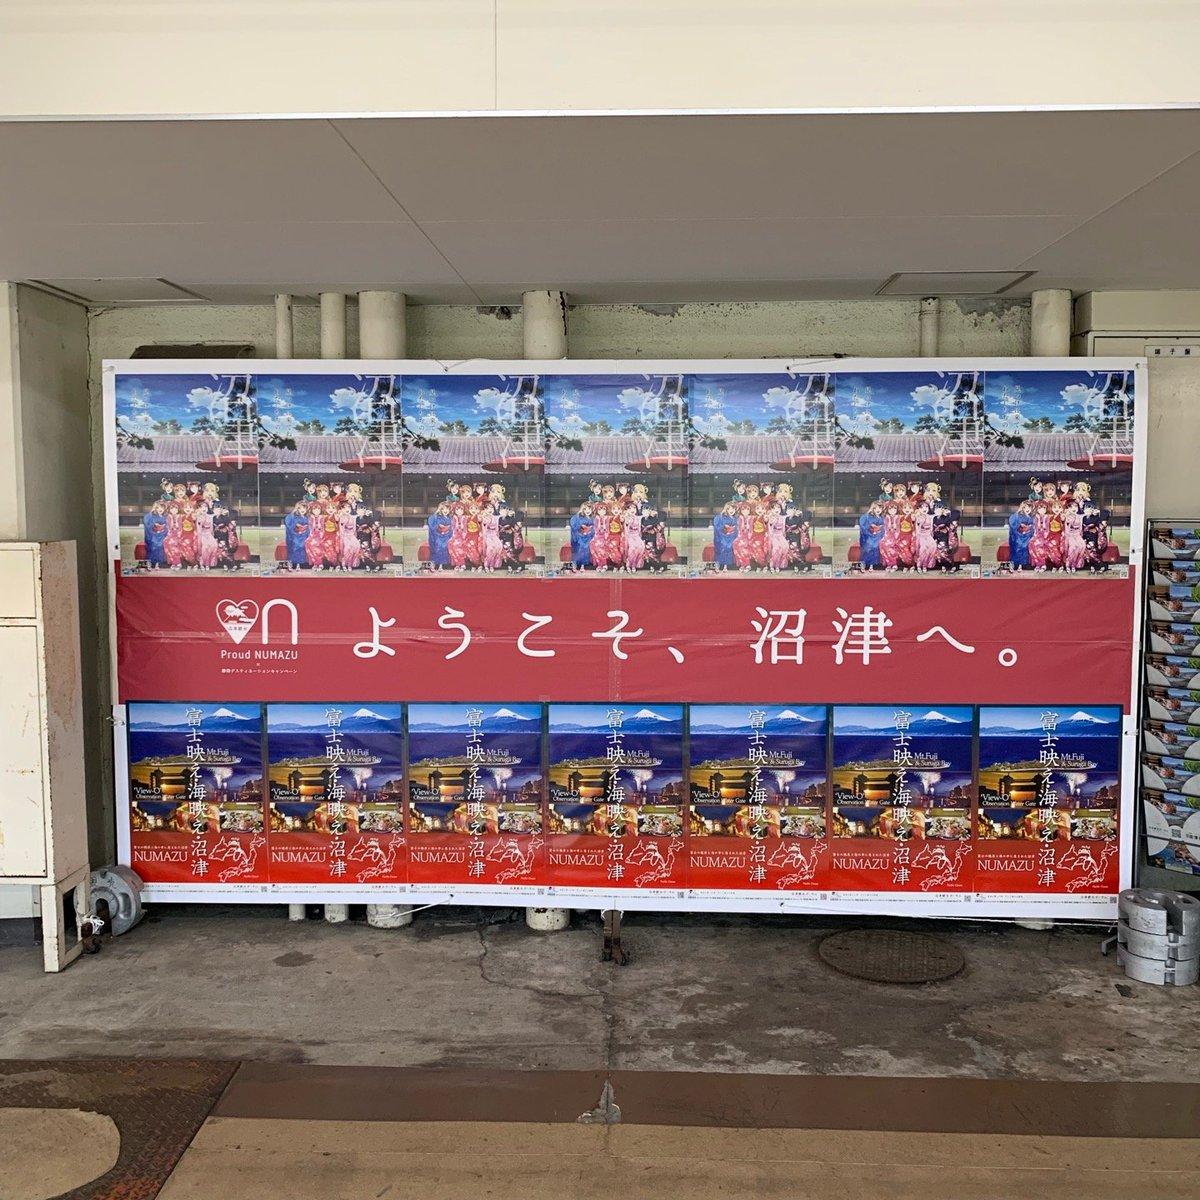 沼津駅 静岡デスティネーションキャンペーン ラブライブ!サンシャイン!!(1)